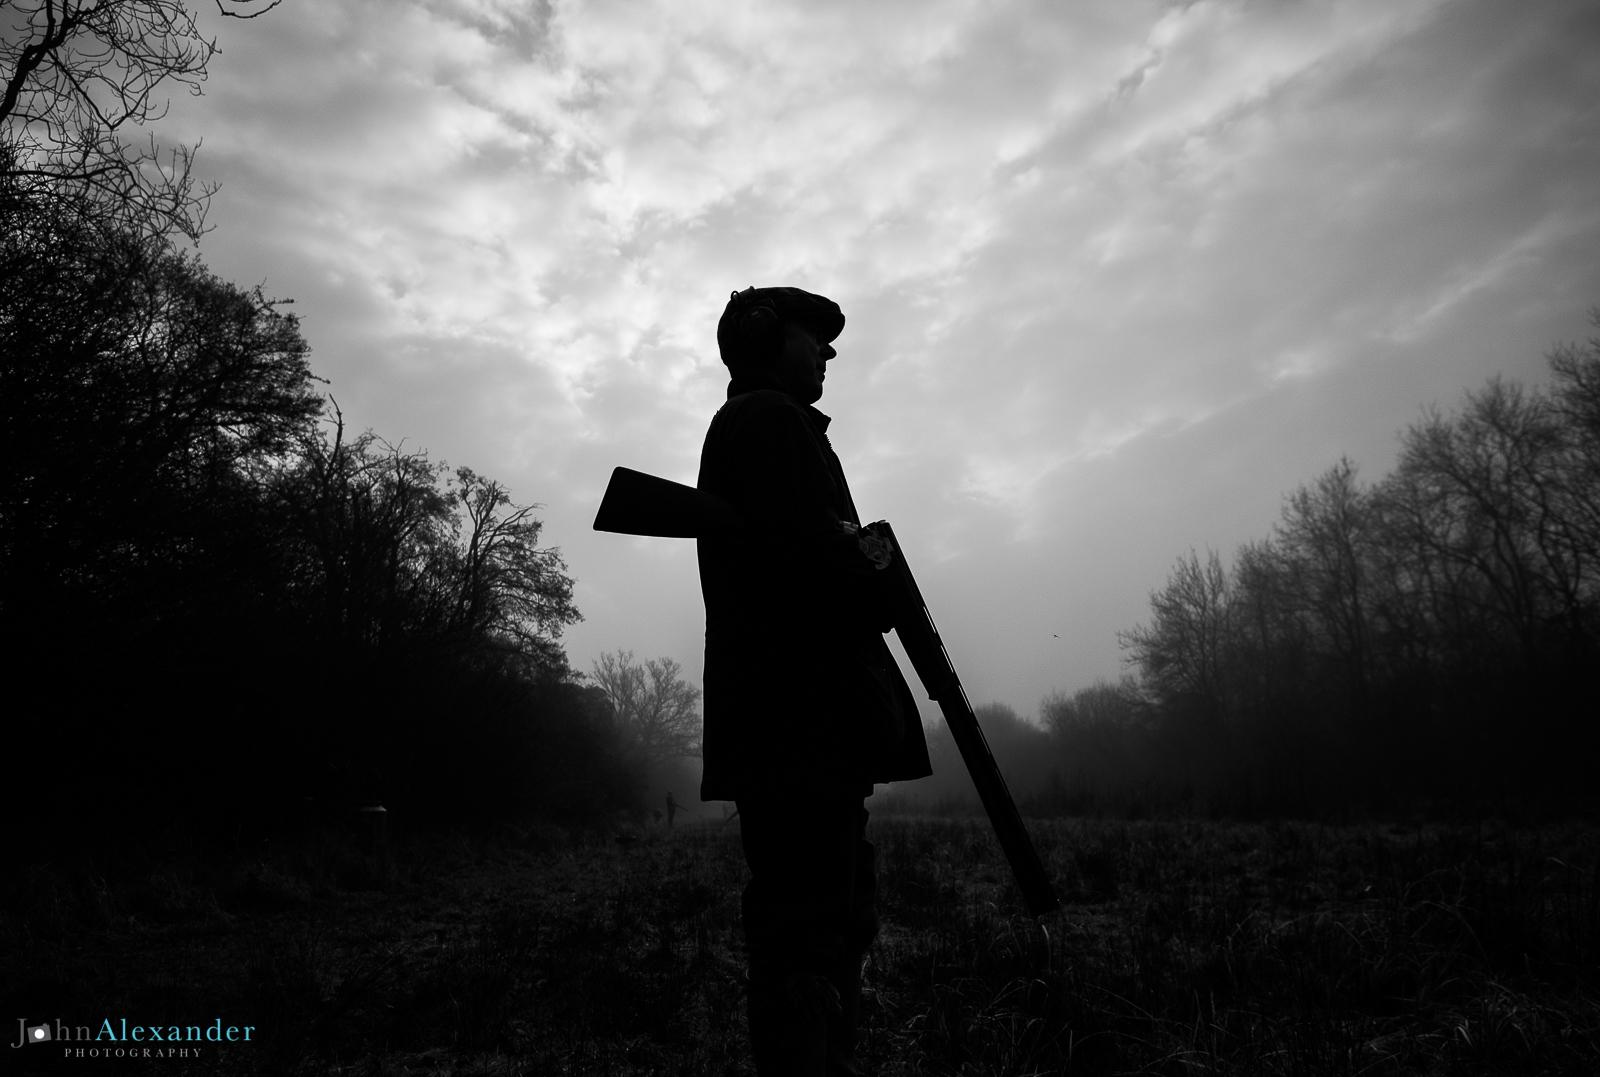 silhouette of gun with shotgun cocked under arm